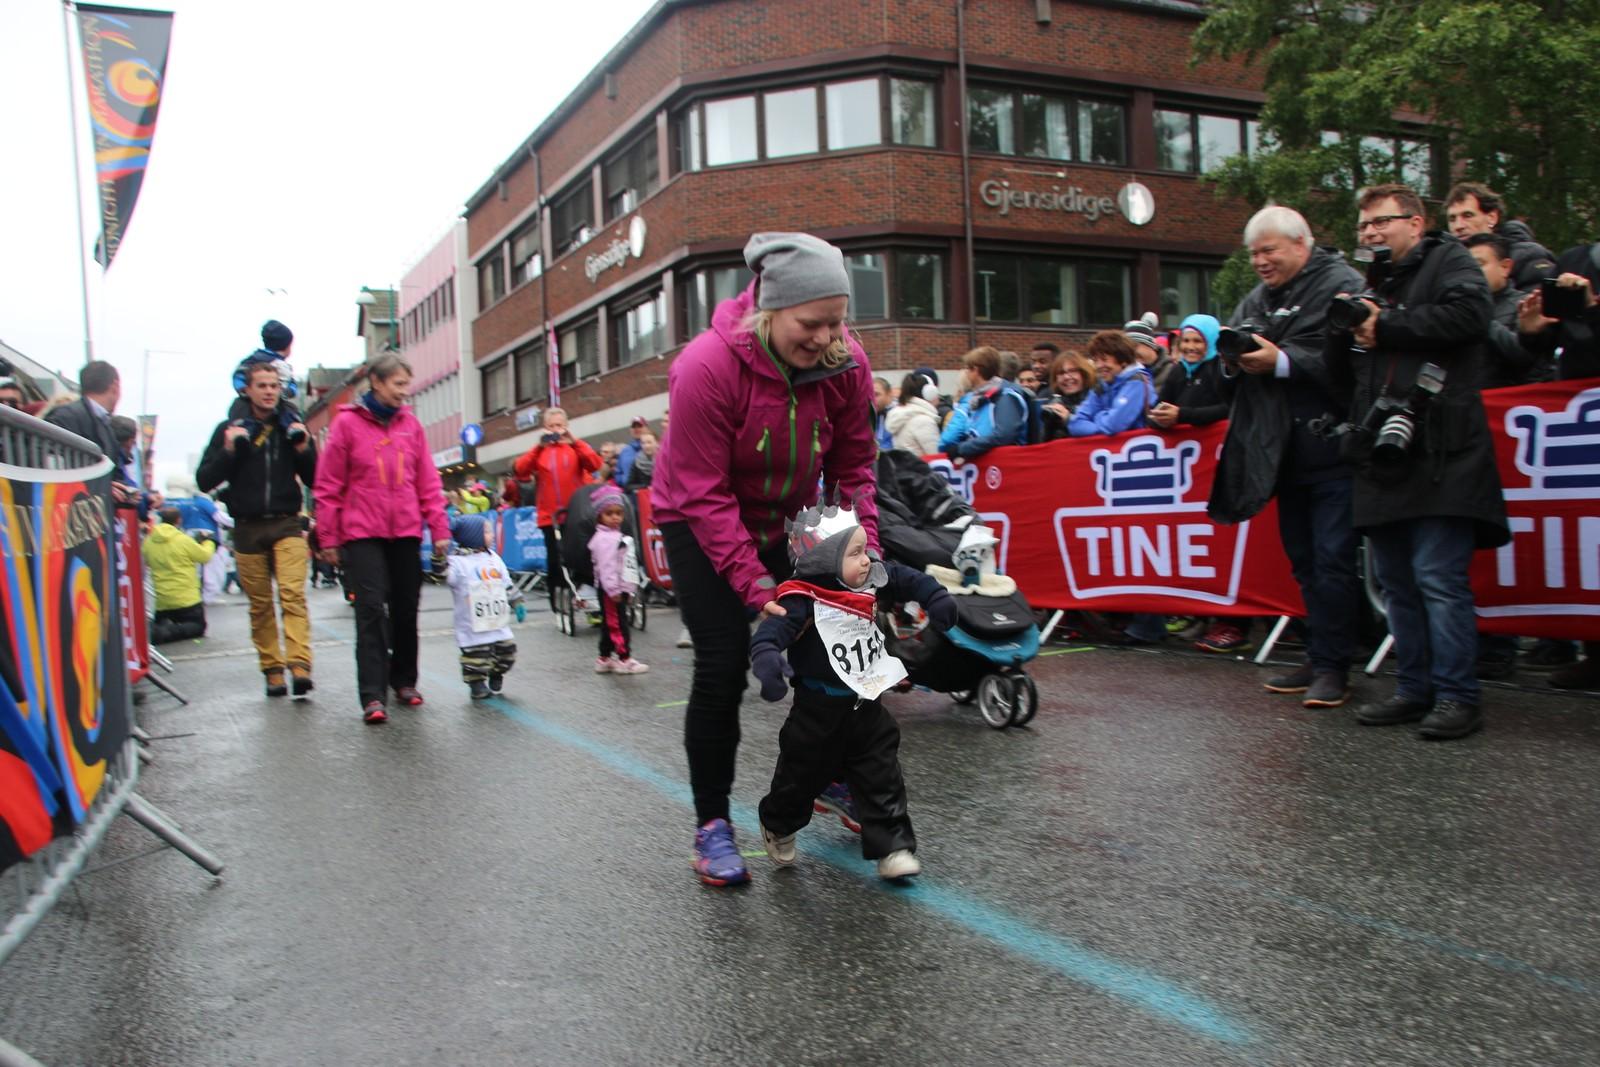 Noen av deltakerne i Labb og Line-løpet stilte med krone på hodet. Foto: Ida Louise Rostad / NRK